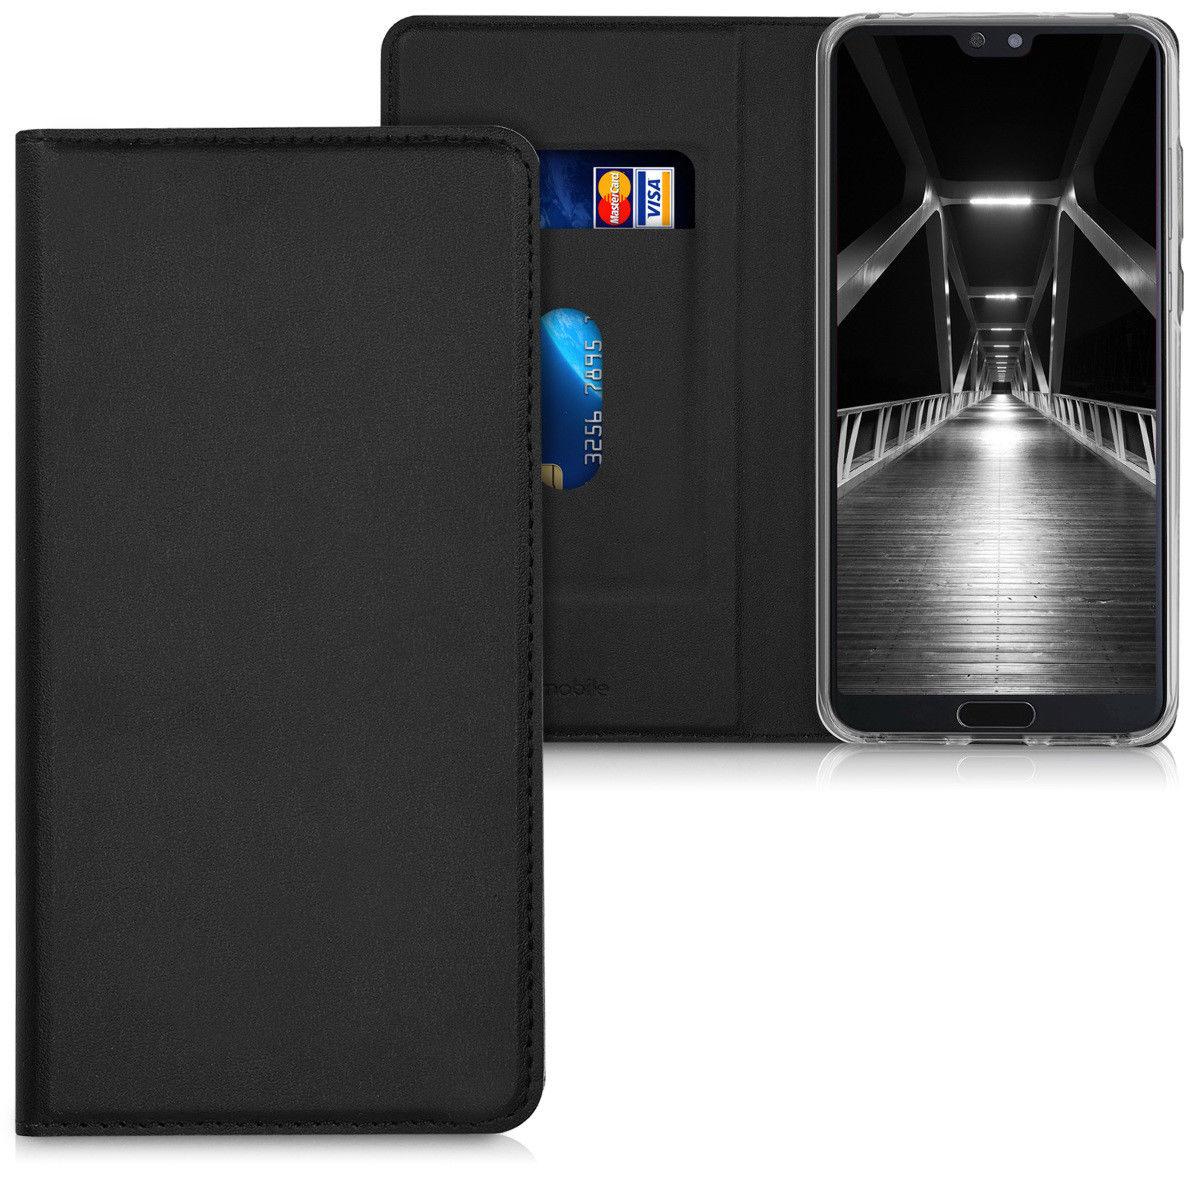 Pouzdro FLIP pro Huawei P20 Pro černé